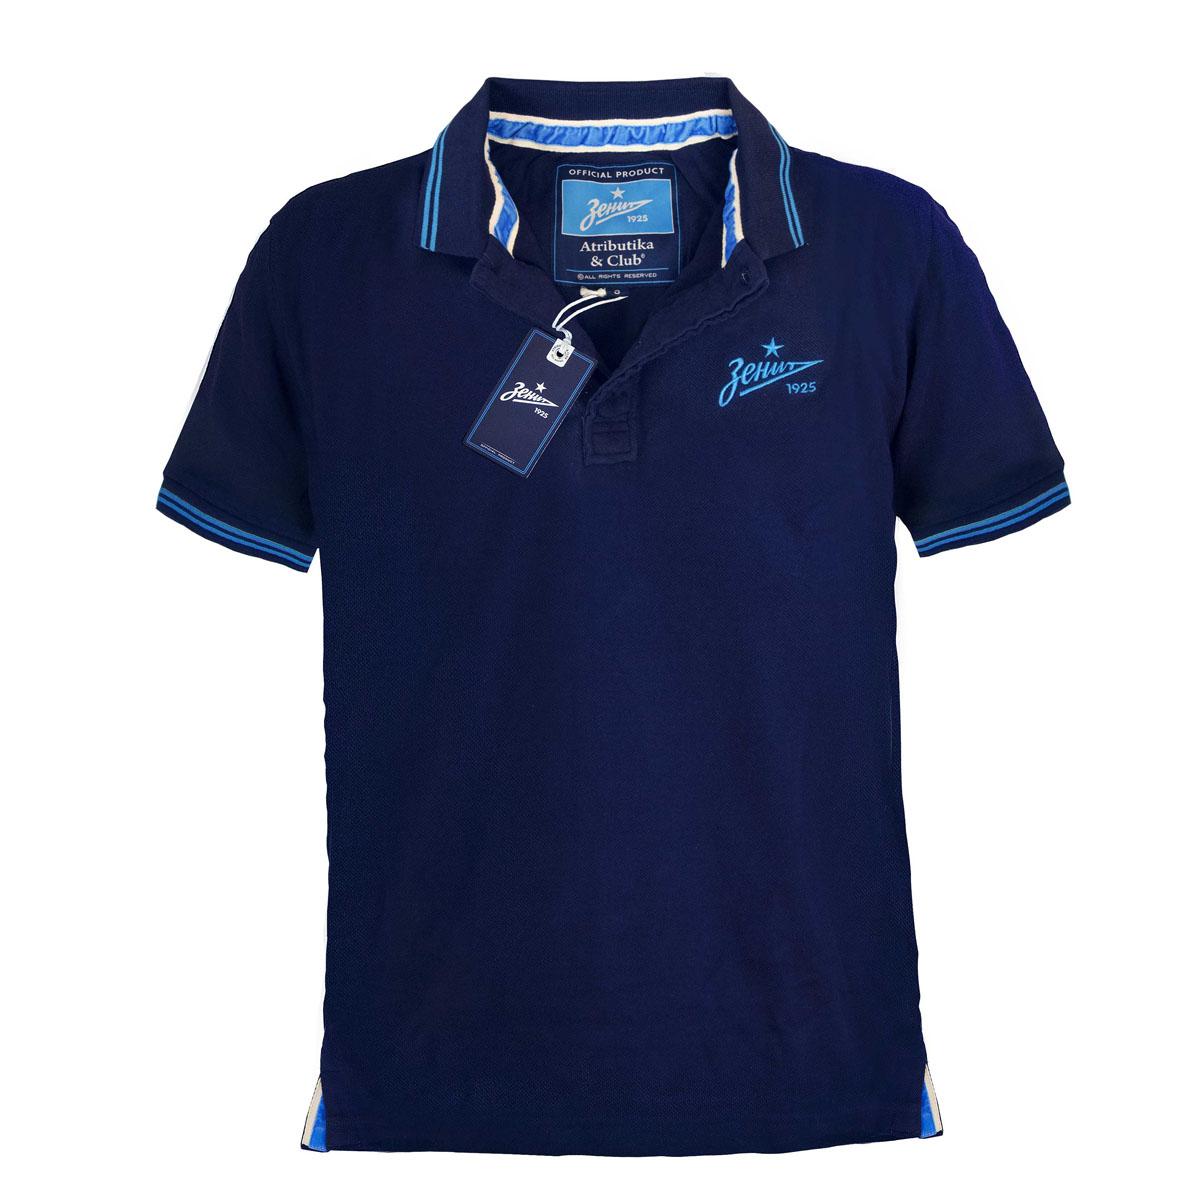 Поло мужское Зенит, цвет: темно-синий. 40020. Размер XS (44)40020Стильная мужская футболка-поло Зенит, выполненная из натурального хлопка, обладает высокой теплопроводностью, воздухопроницаемостью и гигроскопичностью, позволяет коже дышать. Модель с короткими рукавами и отложным воротником на груди застегивается на две пуговицы. Рукава понизу дополнены трикотажными резинками. Воротник и рукава оформлены контрастными полосками. На груди модель украшена небольшой вышивкой в виде эмблемы футбольного клуба Зенит.Классический покрой, лаконичный дизайн, безукоризненное качество. В такой футболке вы будете чувствовать себя уверенно и комфортно.